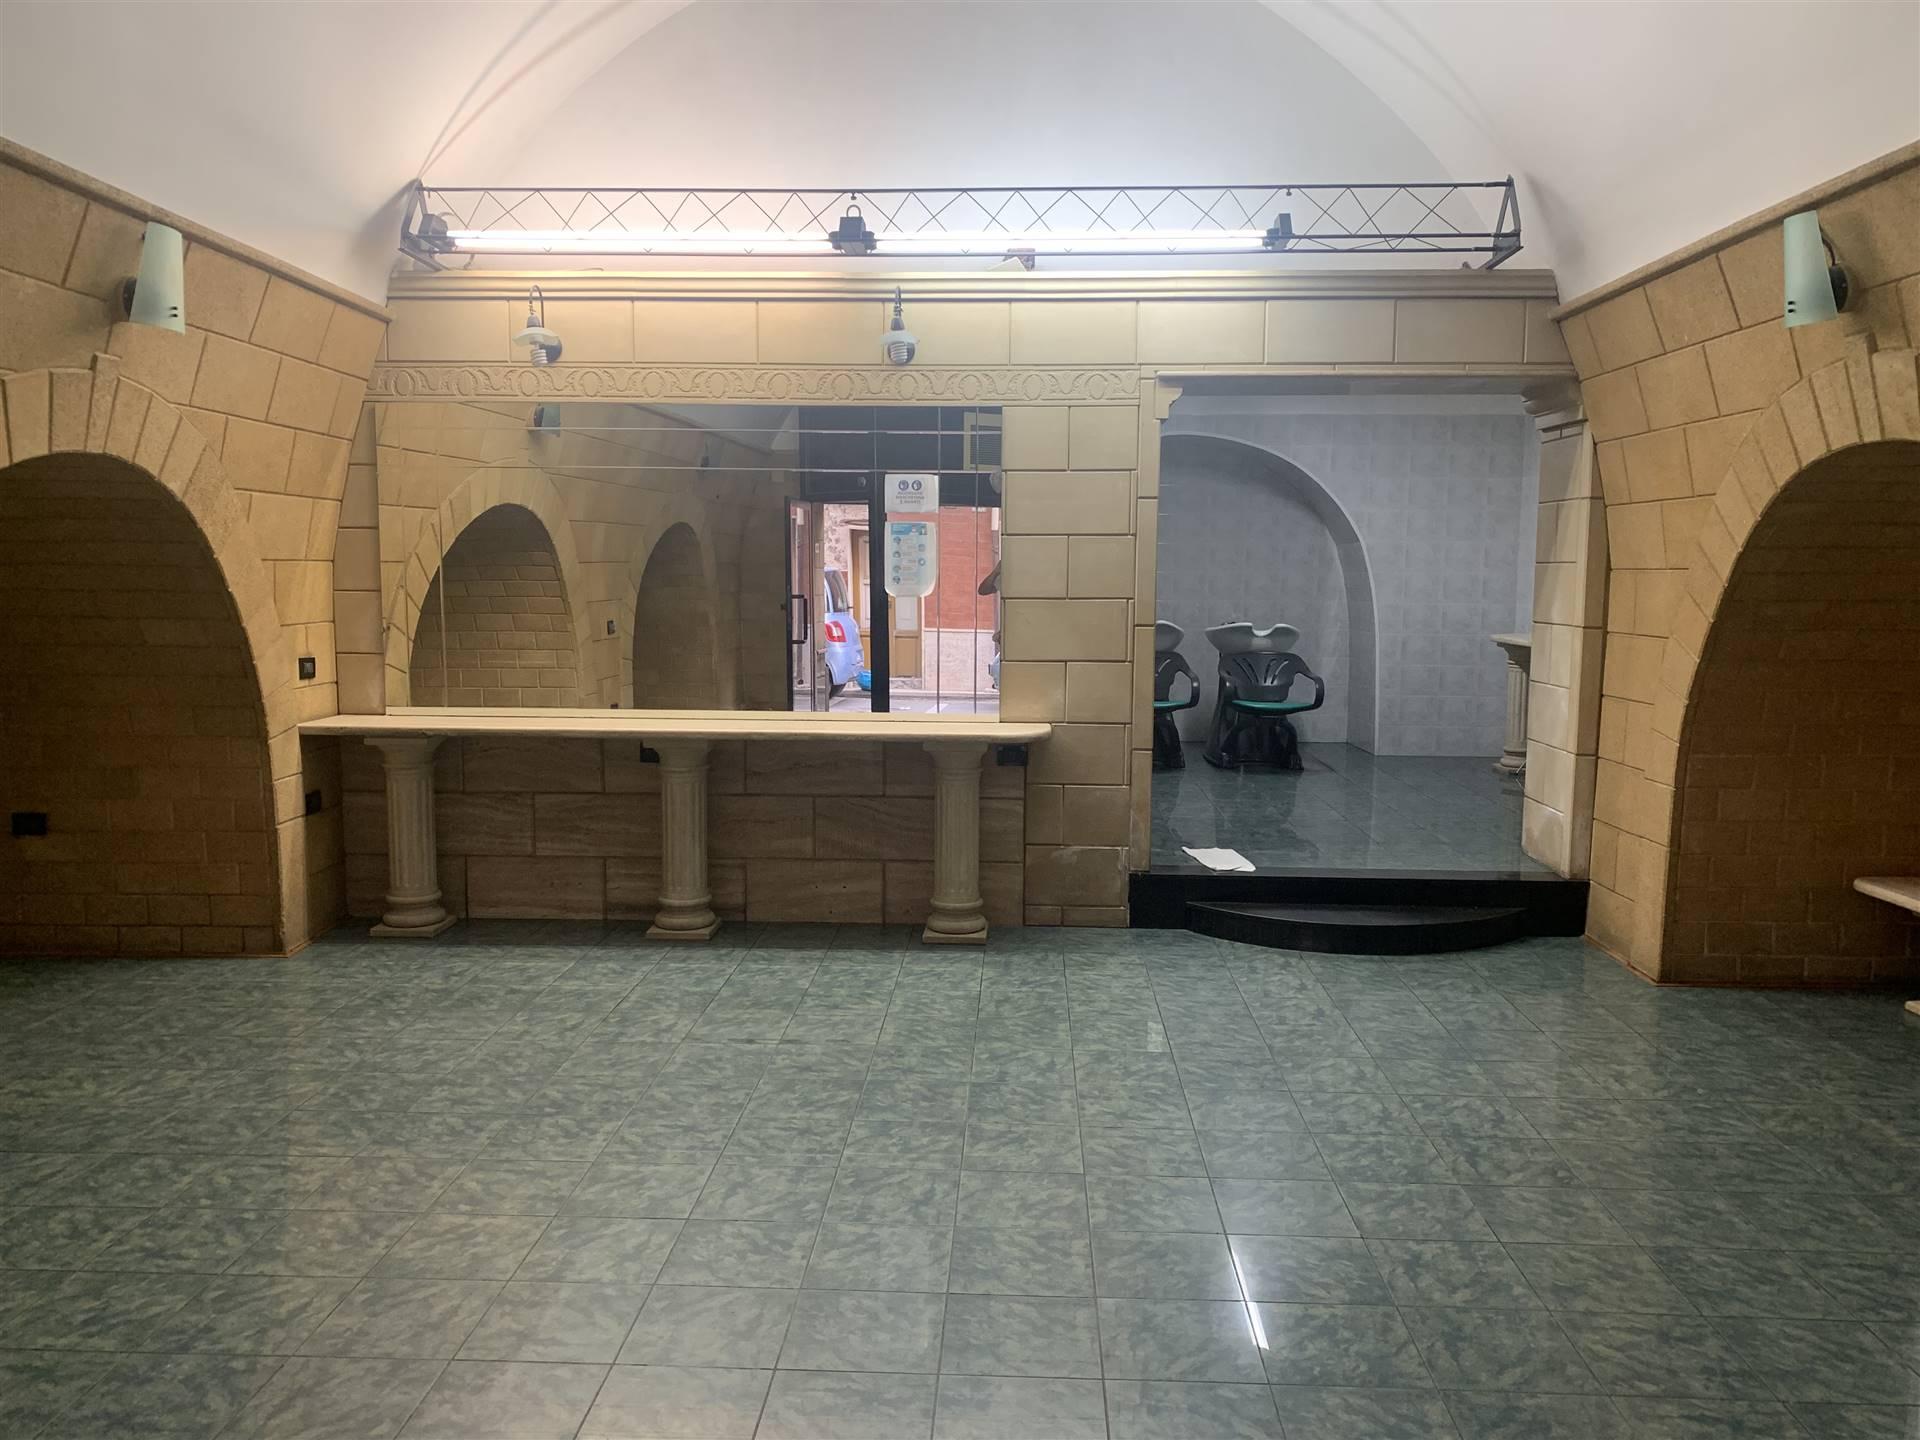 Laboratorio in vendita a Palagiano, 2 locali, prezzo € 48.000   CambioCasa.it